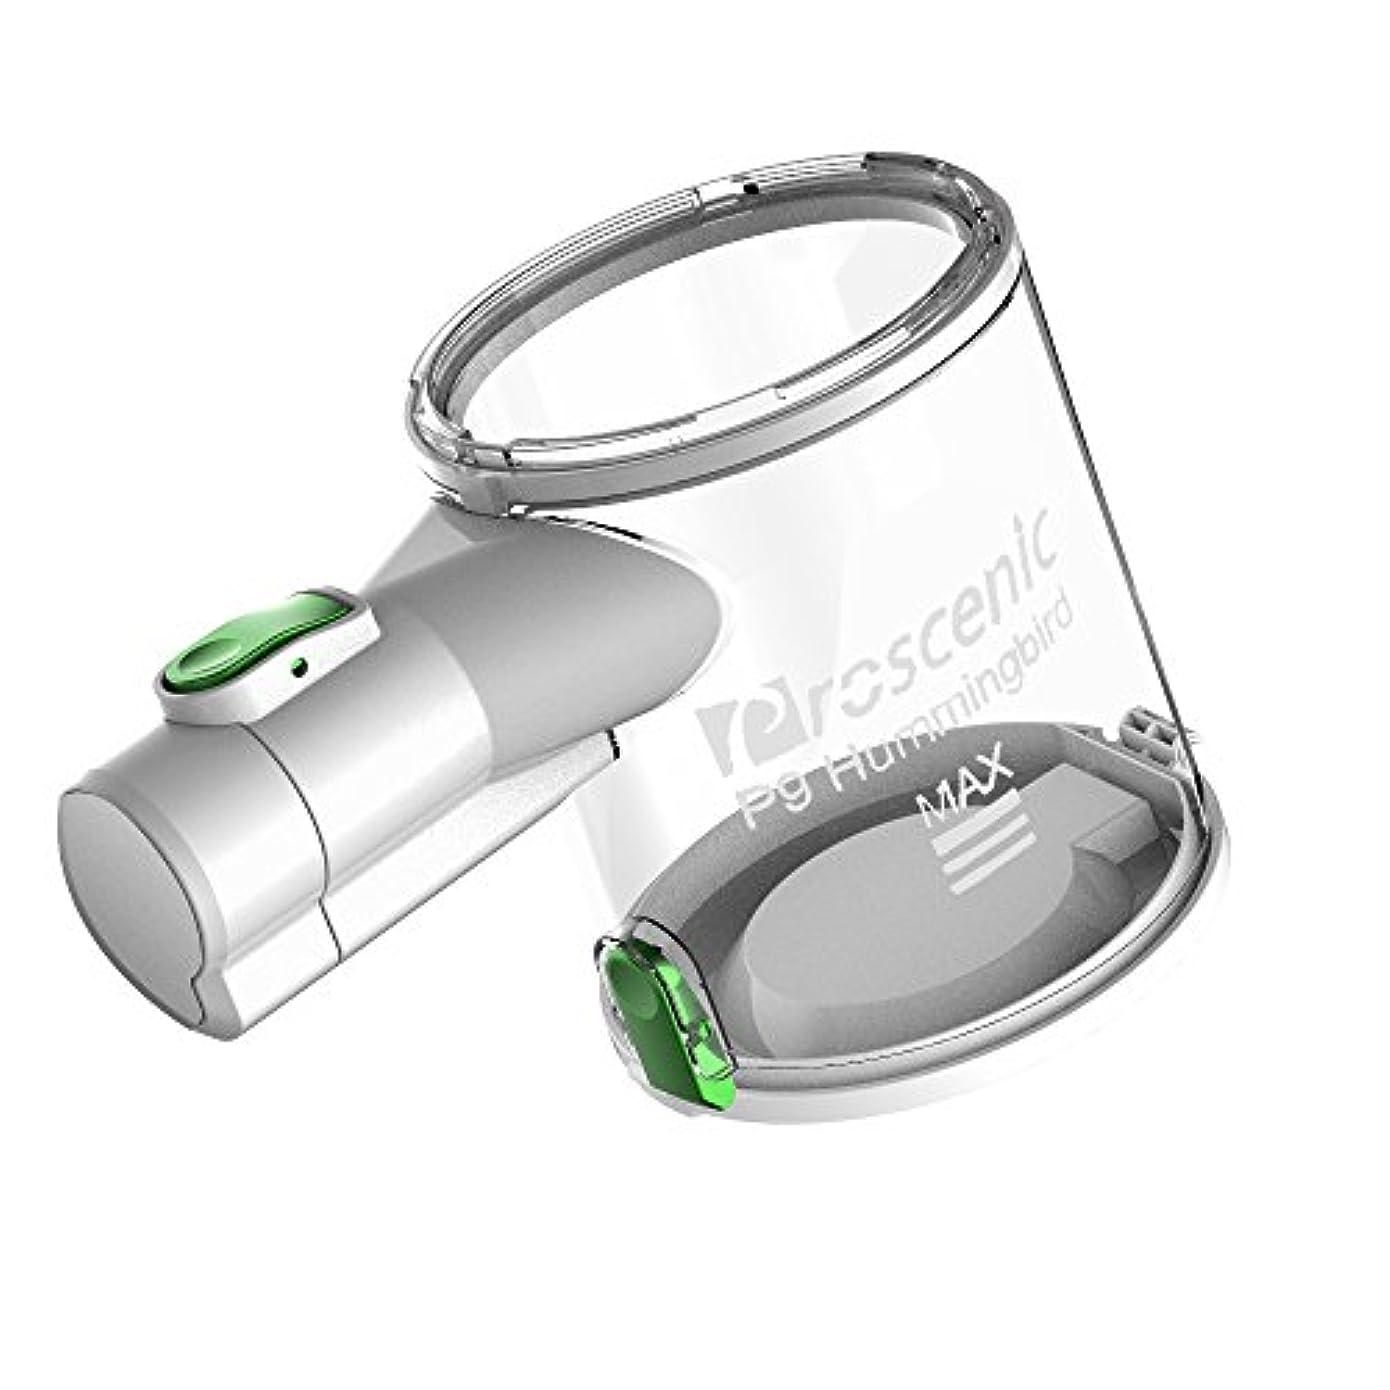 同意増幅する出席するProscenic 電動歯ブラシ 替えブラシ2本 サイズ分け (ホワイト)